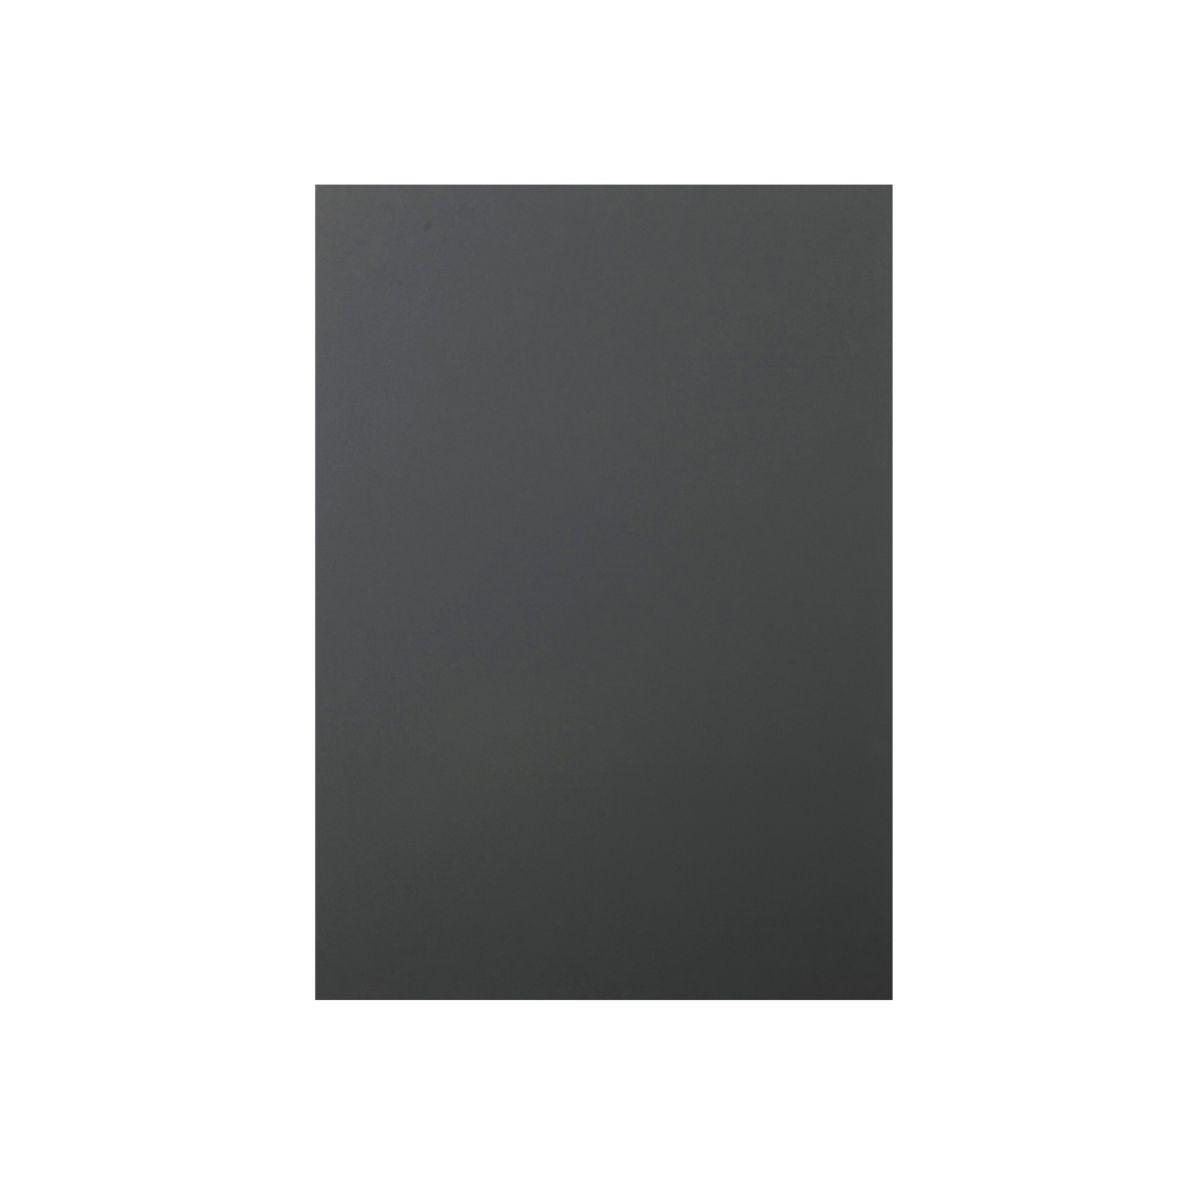 Cathedral Foam Board A1 5mm Single Sheet Black